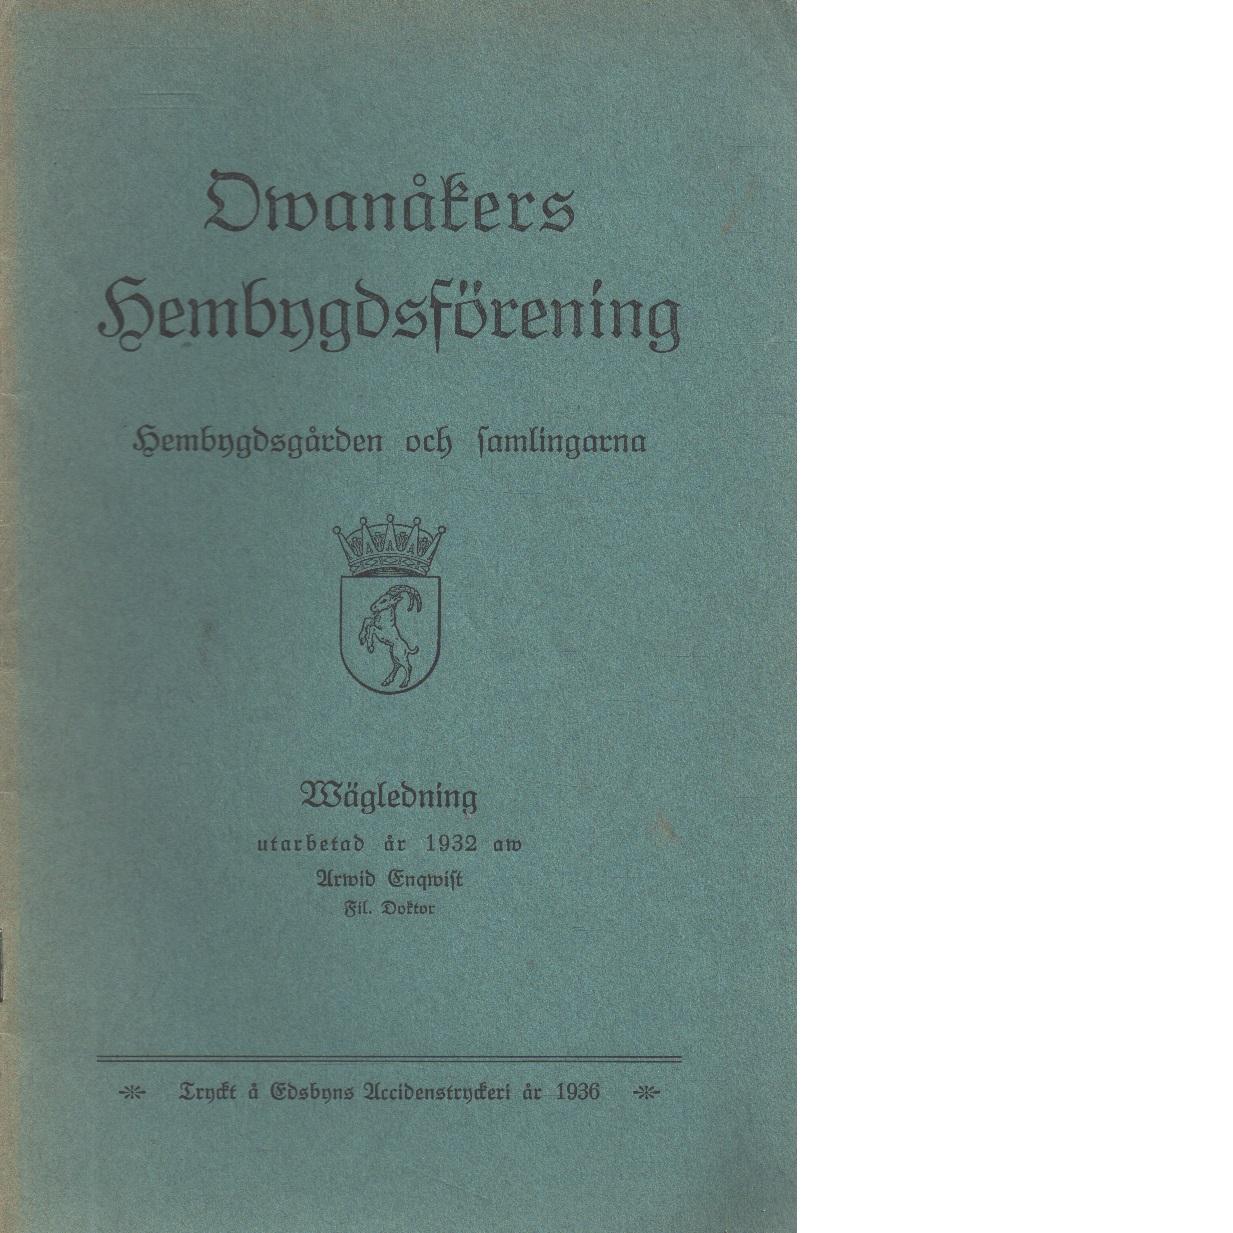 Ovanåkers hembygdsförening : hembygdsgården och samlingarna : vägledning utarb. år 1932 - Enqvist, Arvid